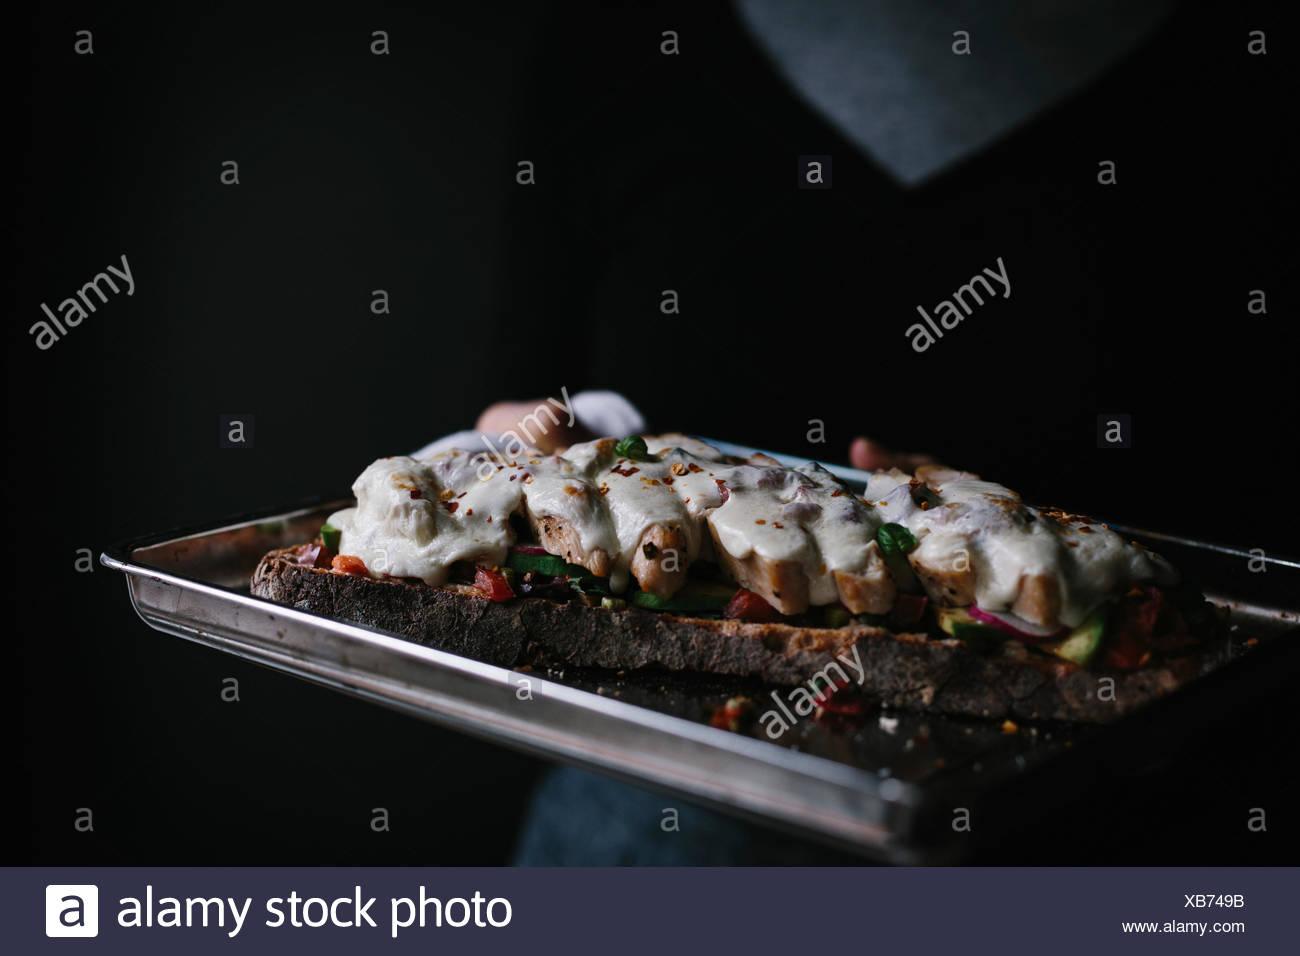 Una donna è in possesso di un pollo caprese aperto di fronte (tartine) sandwich che appena uscito dal forno. Immagini Stock